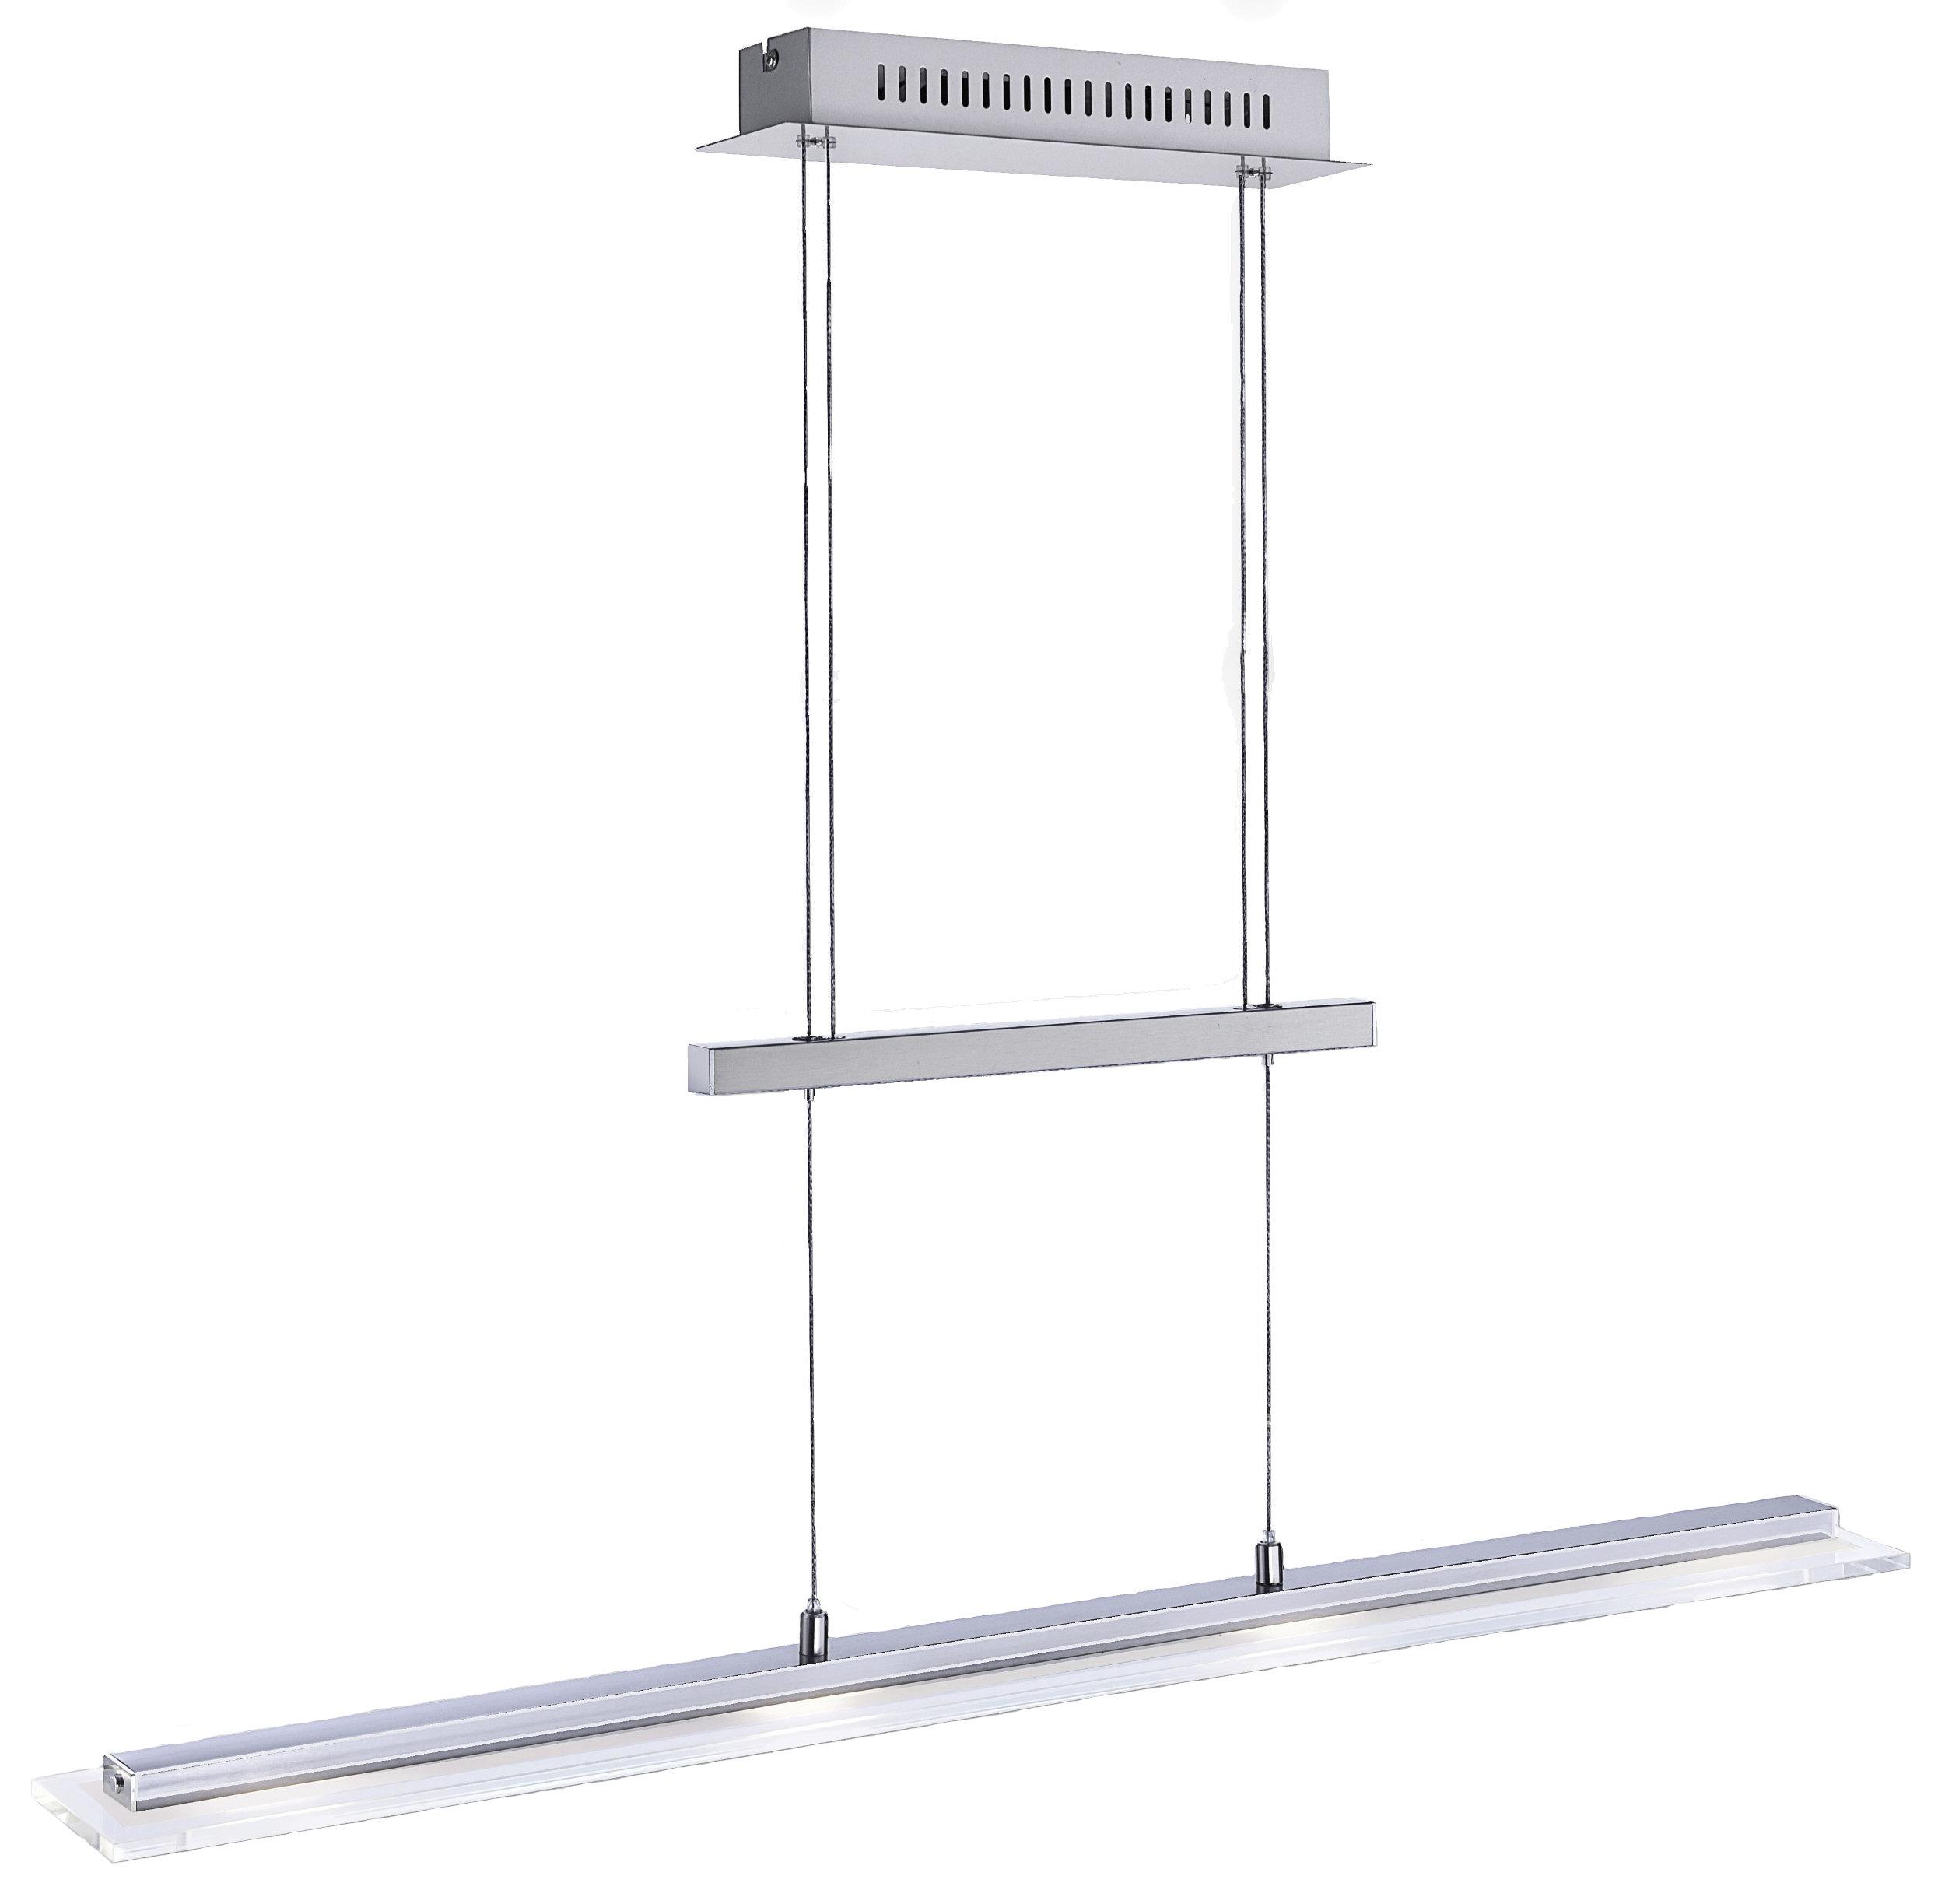 Φωτιστικό οροφής FH T-Tenso Smart